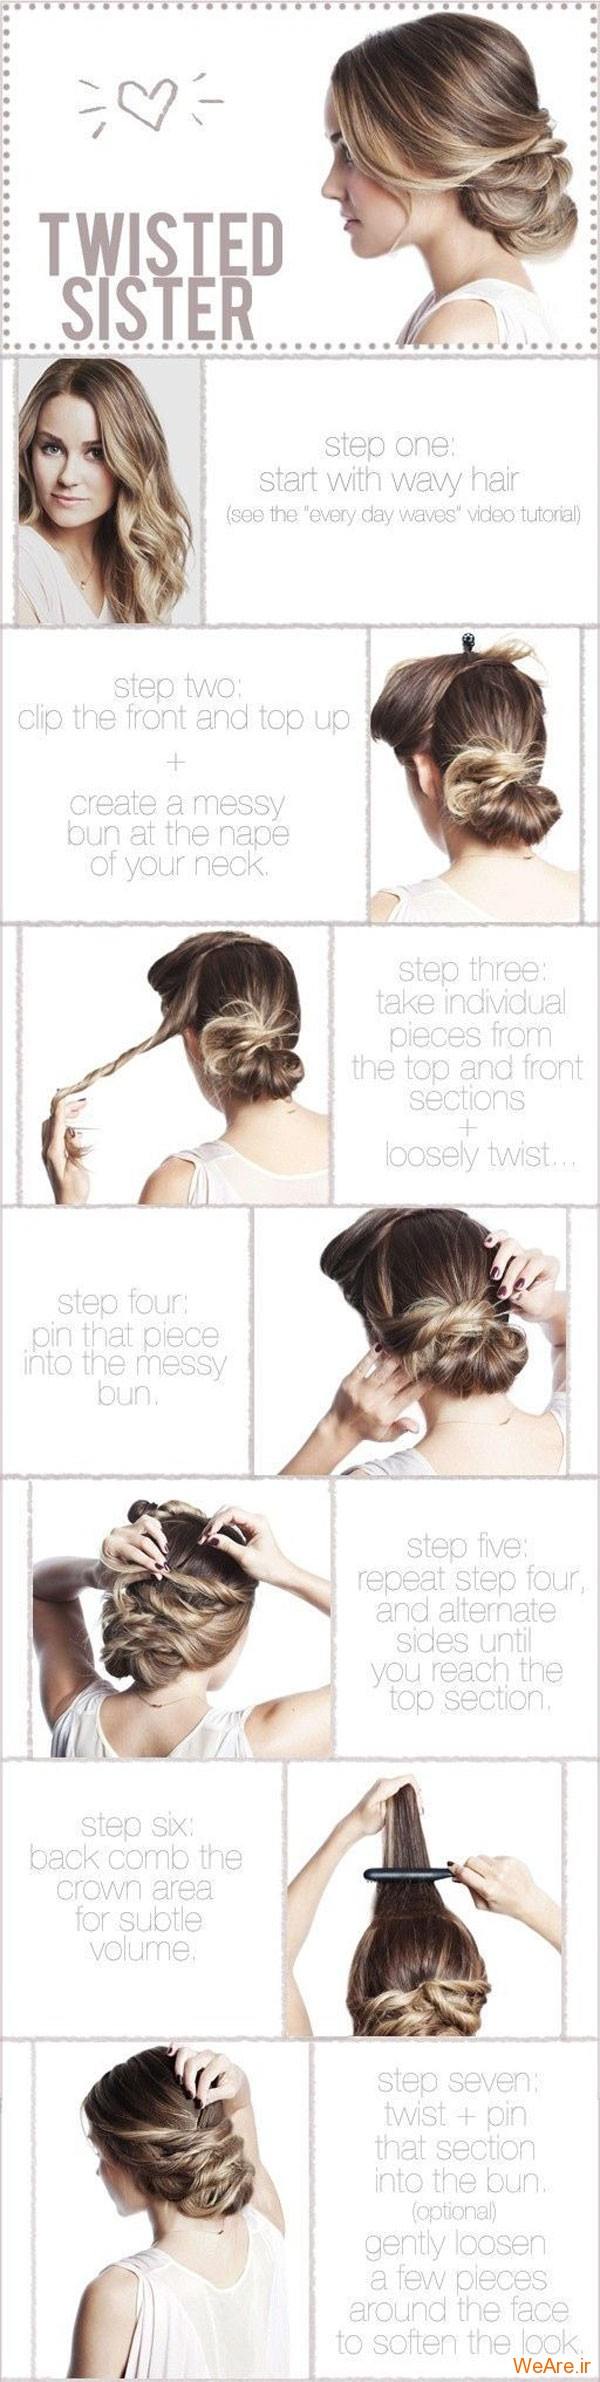 روش های بستن مو (3)